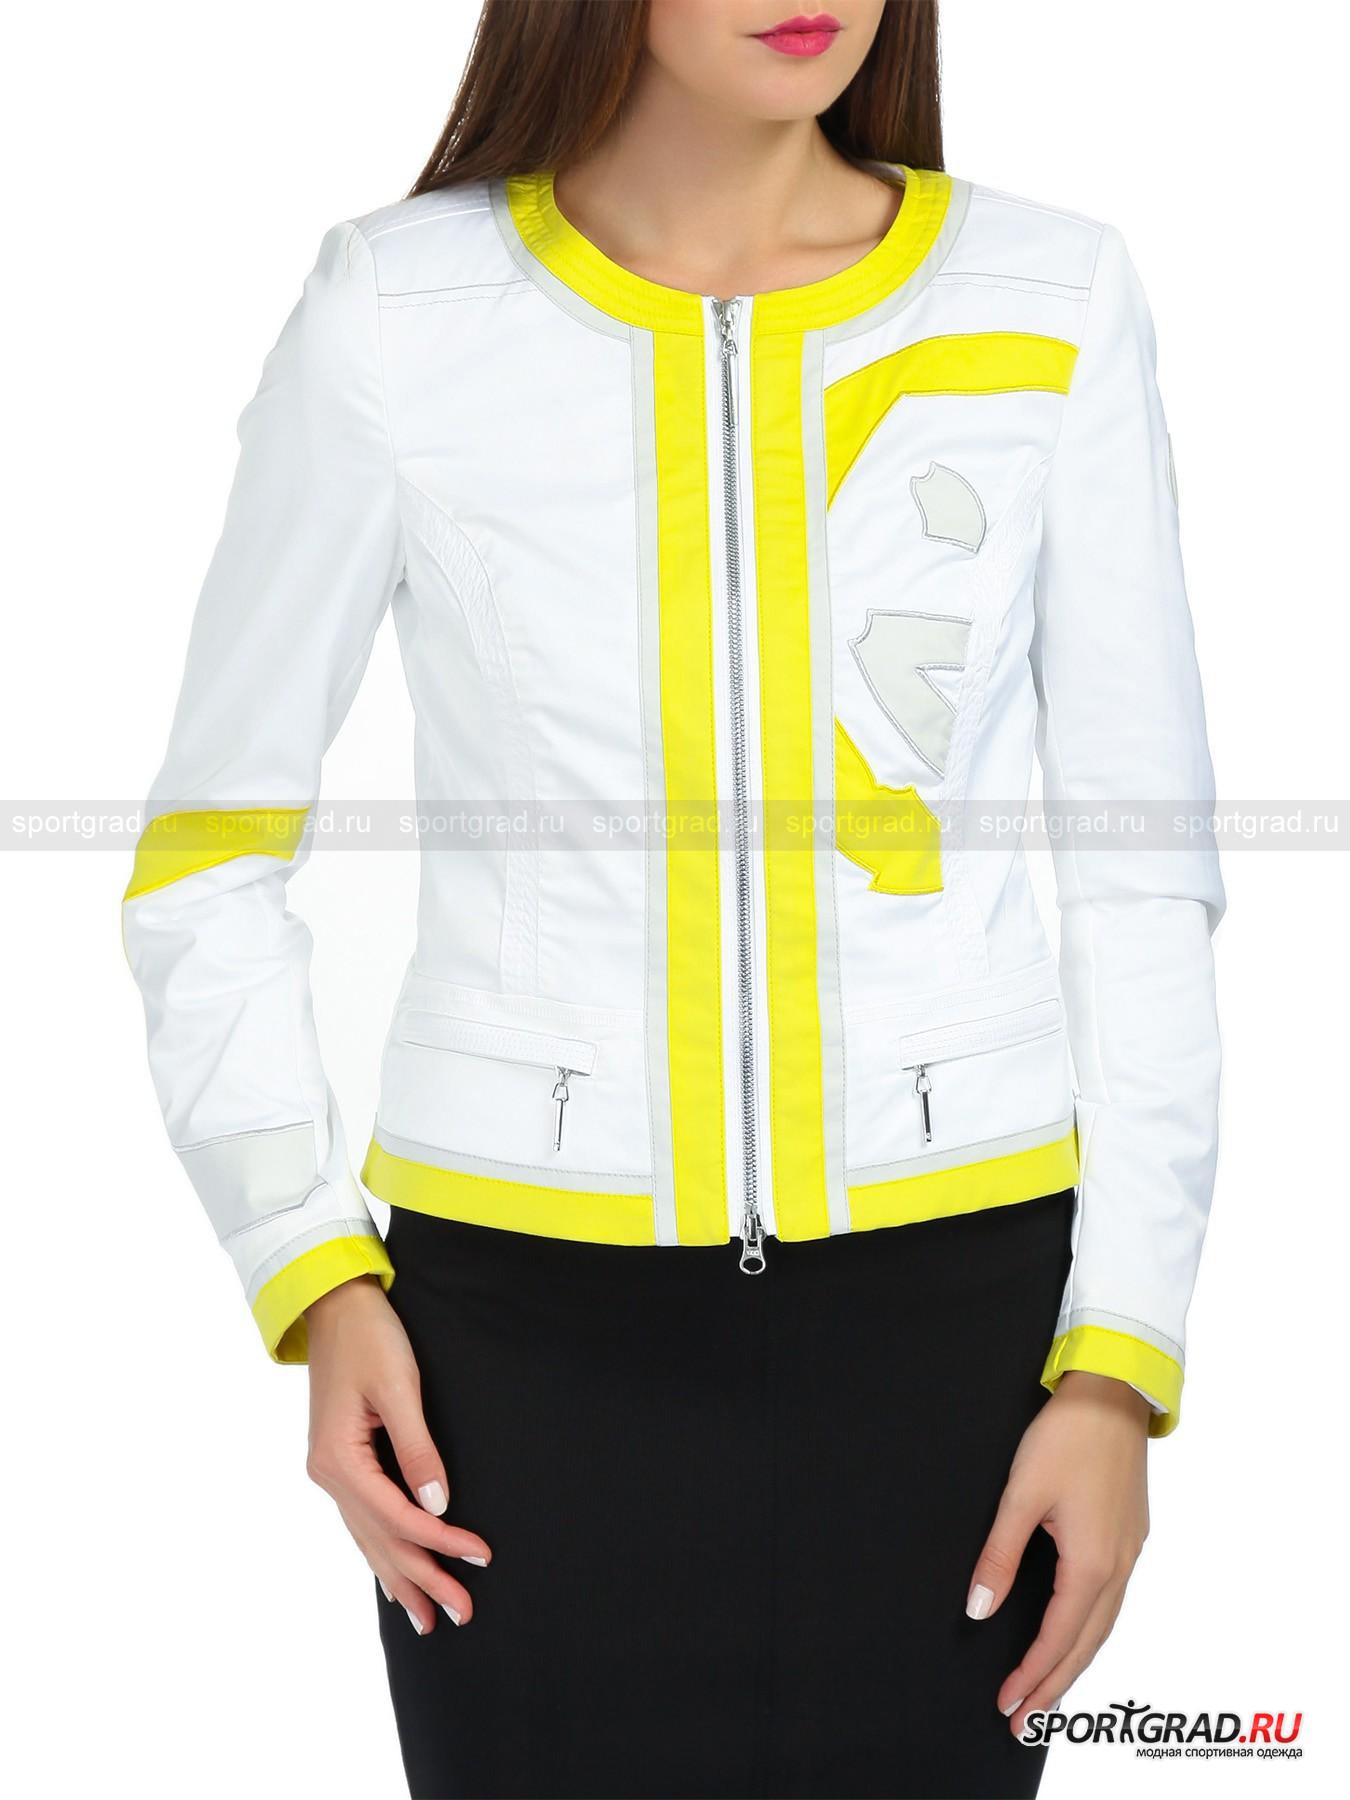 Куртка женская Lightsome SPORTALMВетровки<br>Лёгкая женская куртка Lightsome SPORTALM — идеальное приобретение: она пригодится во время вечерних прогулок и в летнее ненастье. Вертикальные рельефы спереди и сзади создают оптимальное прилегание по линии талии и в области груди, подчеркивая изгибы и не сковывая движений. Отделка широкими жёлтыми кантами, а также вставки в виде вытянутых треугольников из ткани с озорным рисунком, резко контрастирующим с основным однотонным материалом, играют важную роль в визуальном вытягивании фигуры, иными словами, стройнят.  Мягкие подплечники формируют ровную линию плеч и обеспечивают превосходную посадку верхней части куртки. Смелое цветовое решение и классический приталенный покрой делают модель универсальной и смелой, позволяя забыть о стандартных скучных ветровках и жакетах похожего фасона.<br><br>Пол: Женский<br>Возраст: Взрослый<br>Тип: Ветровки<br>Состав: Состав: 67%полиэстер, 30% хлопок, 3% эластан.